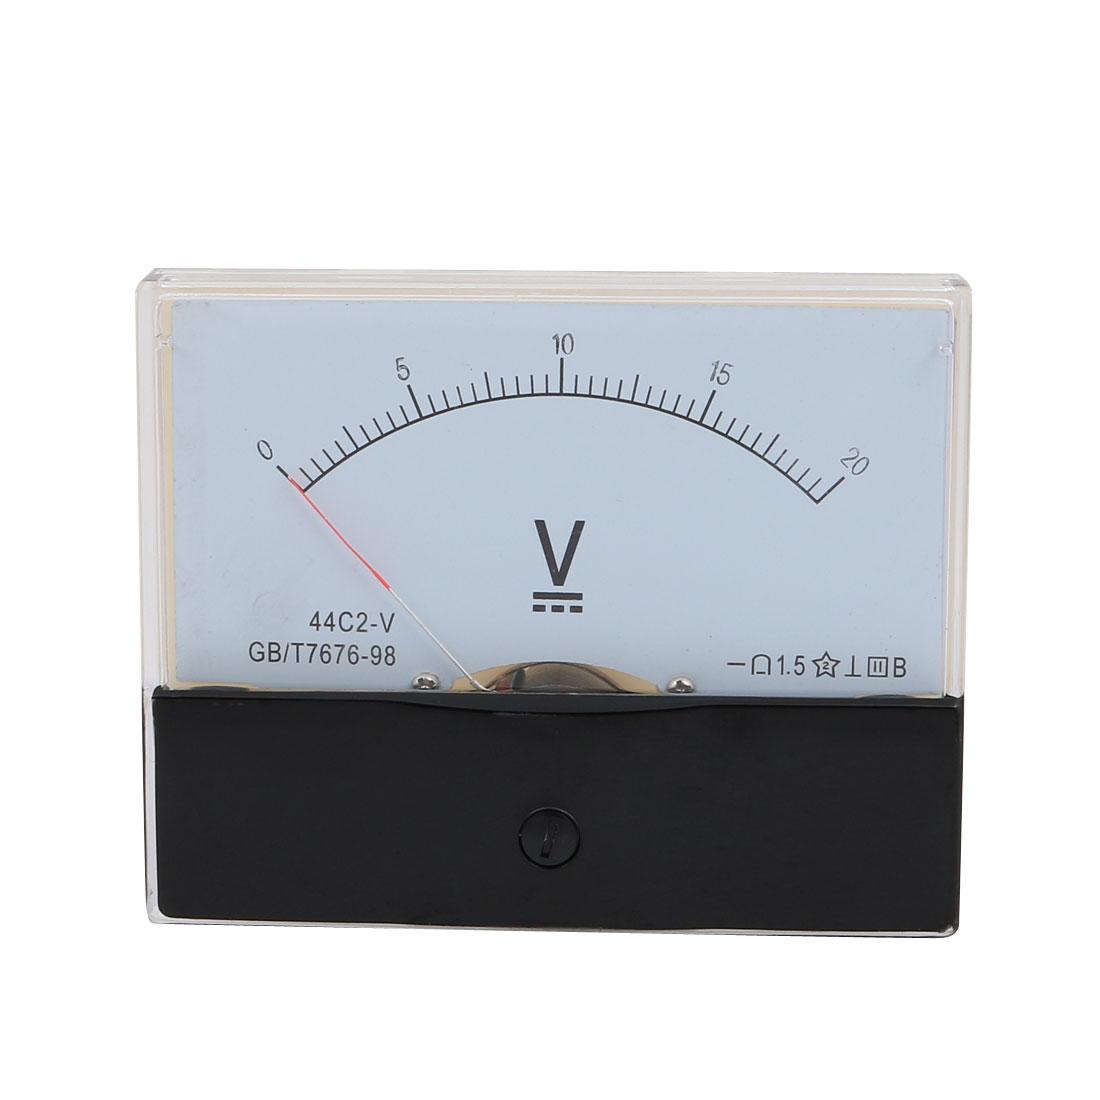 Rectangle Measurement Tool Analog Panel Voltmeter Volt Meter DC 0 - 20V Measuring Range 44C2